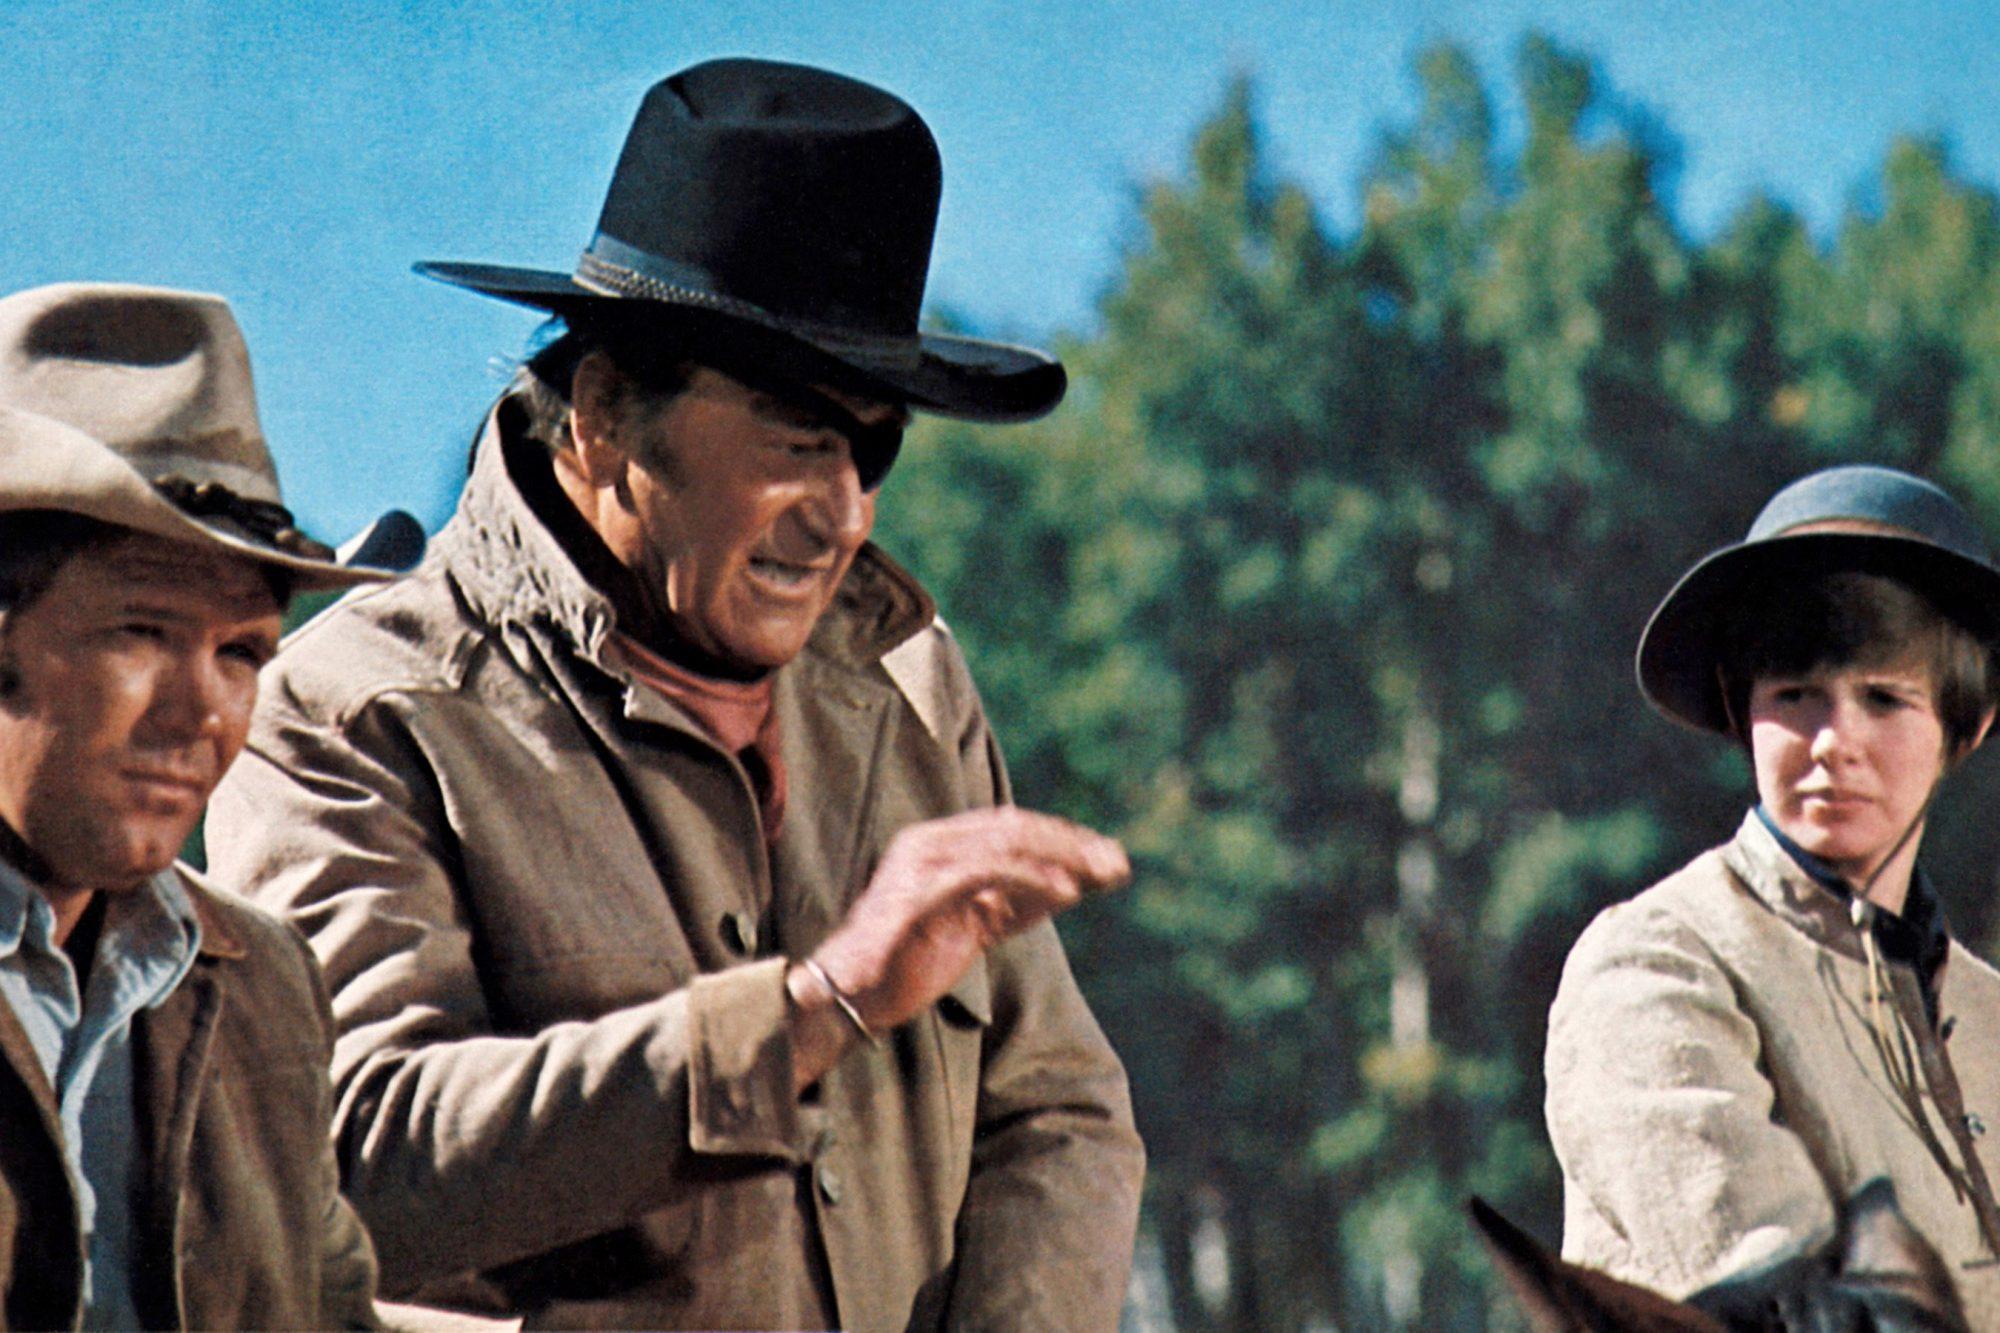 TRUE GRIT, from left: Glen Campbell, John Wayne, Kim Darby, 1969